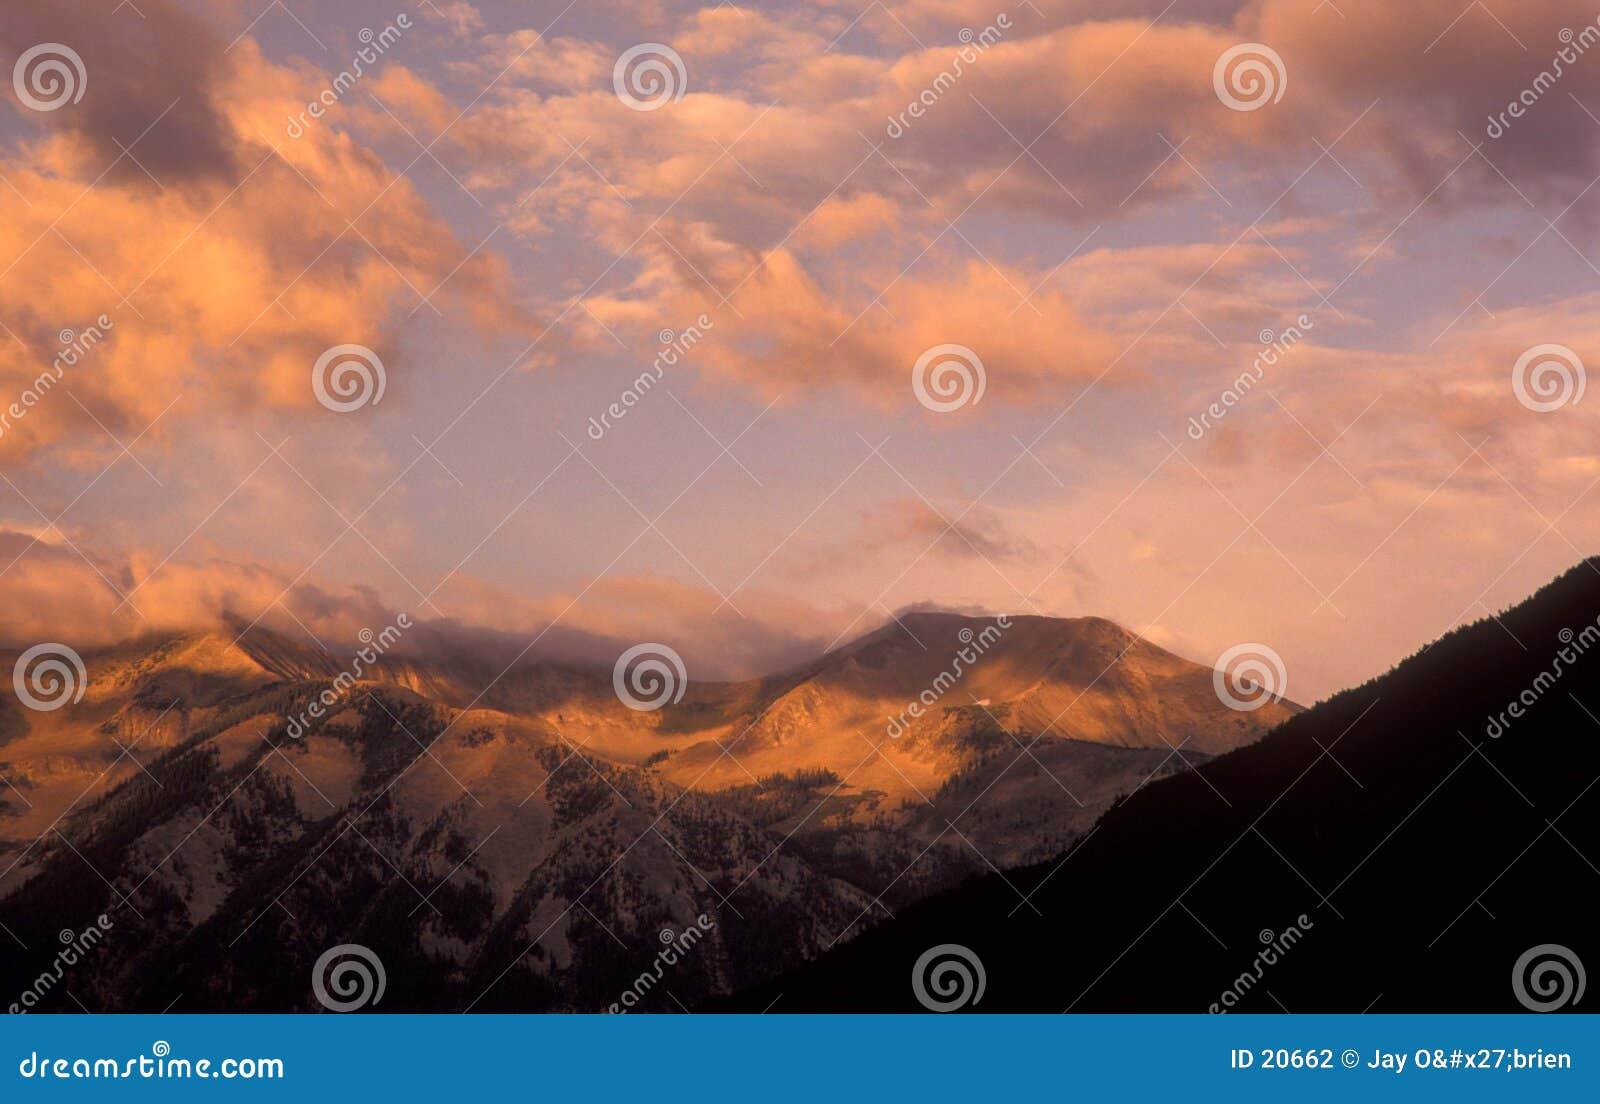 Sonnenaufgang über mit Haube Butte